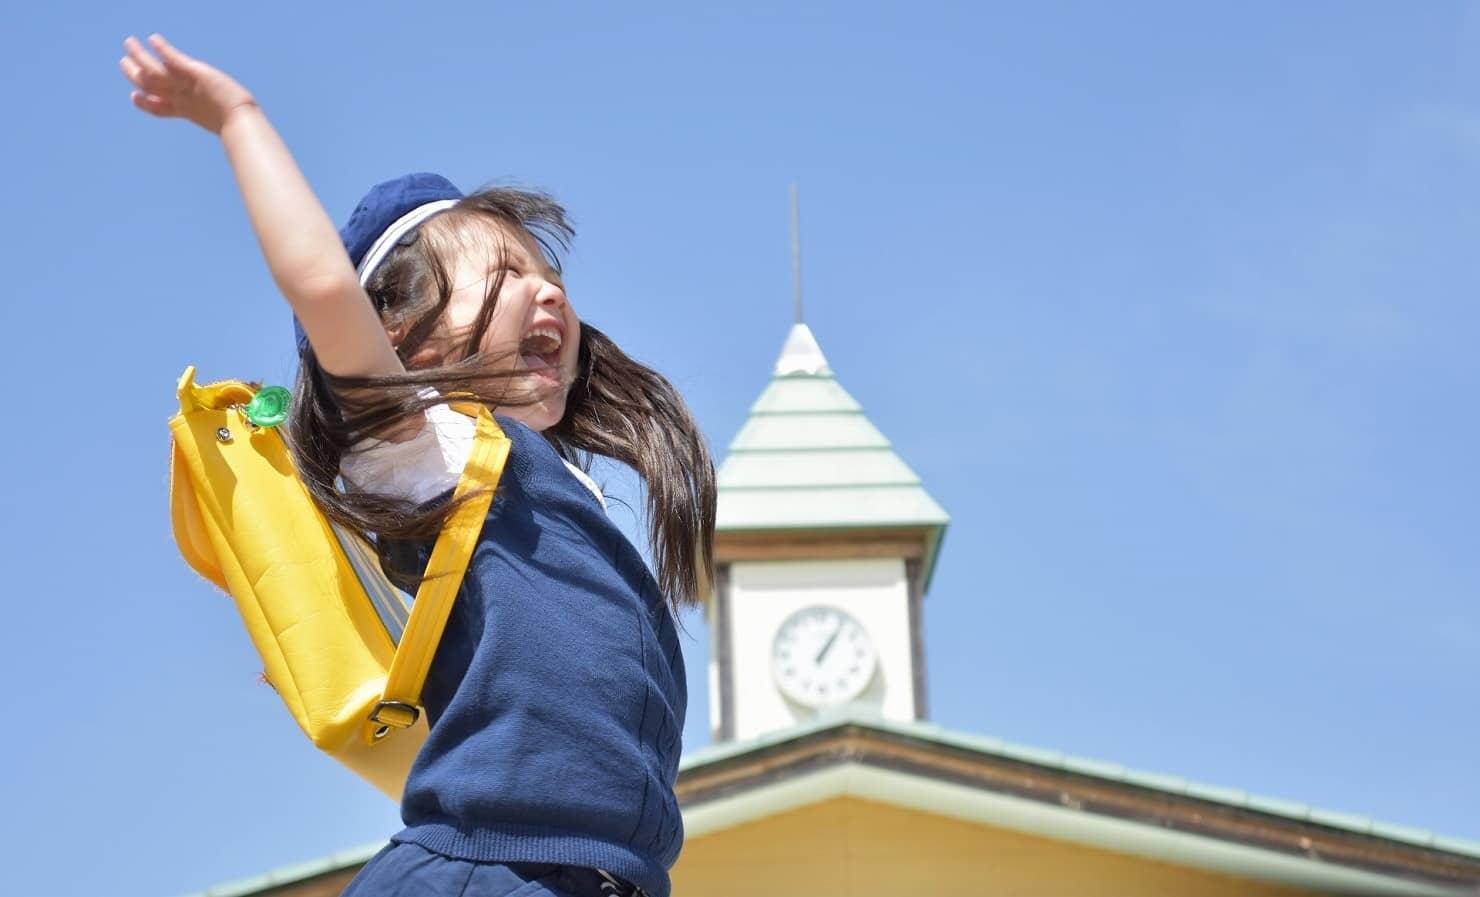 幼稚園の教育費はいくらかかる? 公立と私立で料金は違うの?